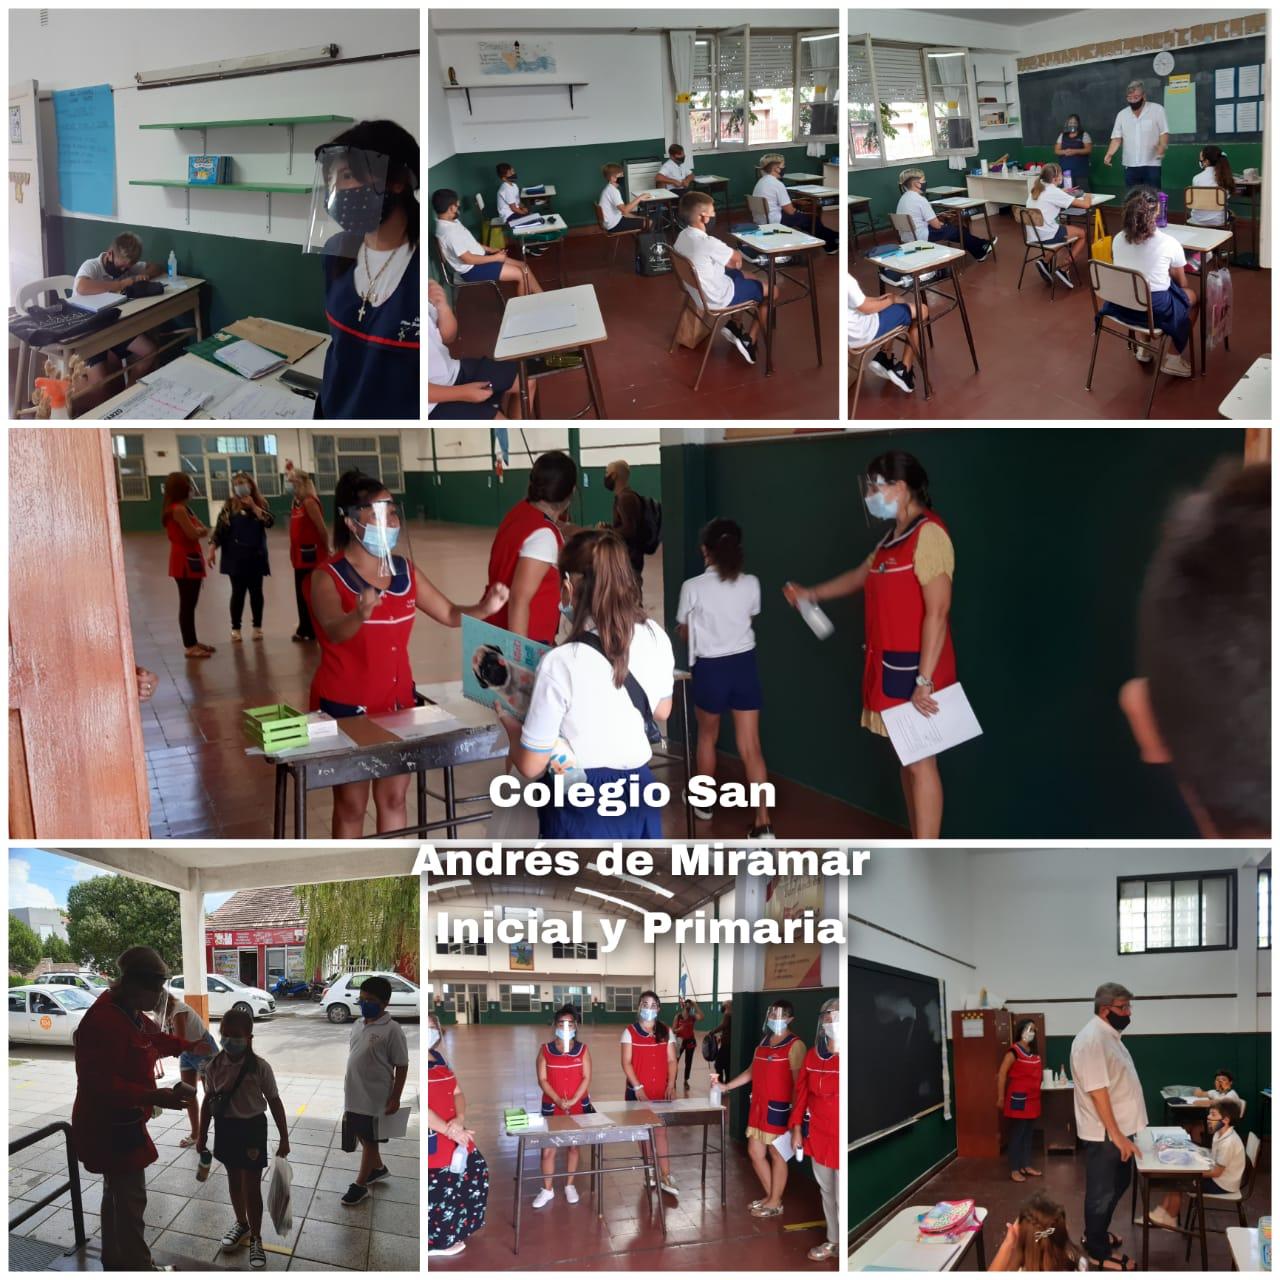 Comenzaron las clases para Inicial y Primario